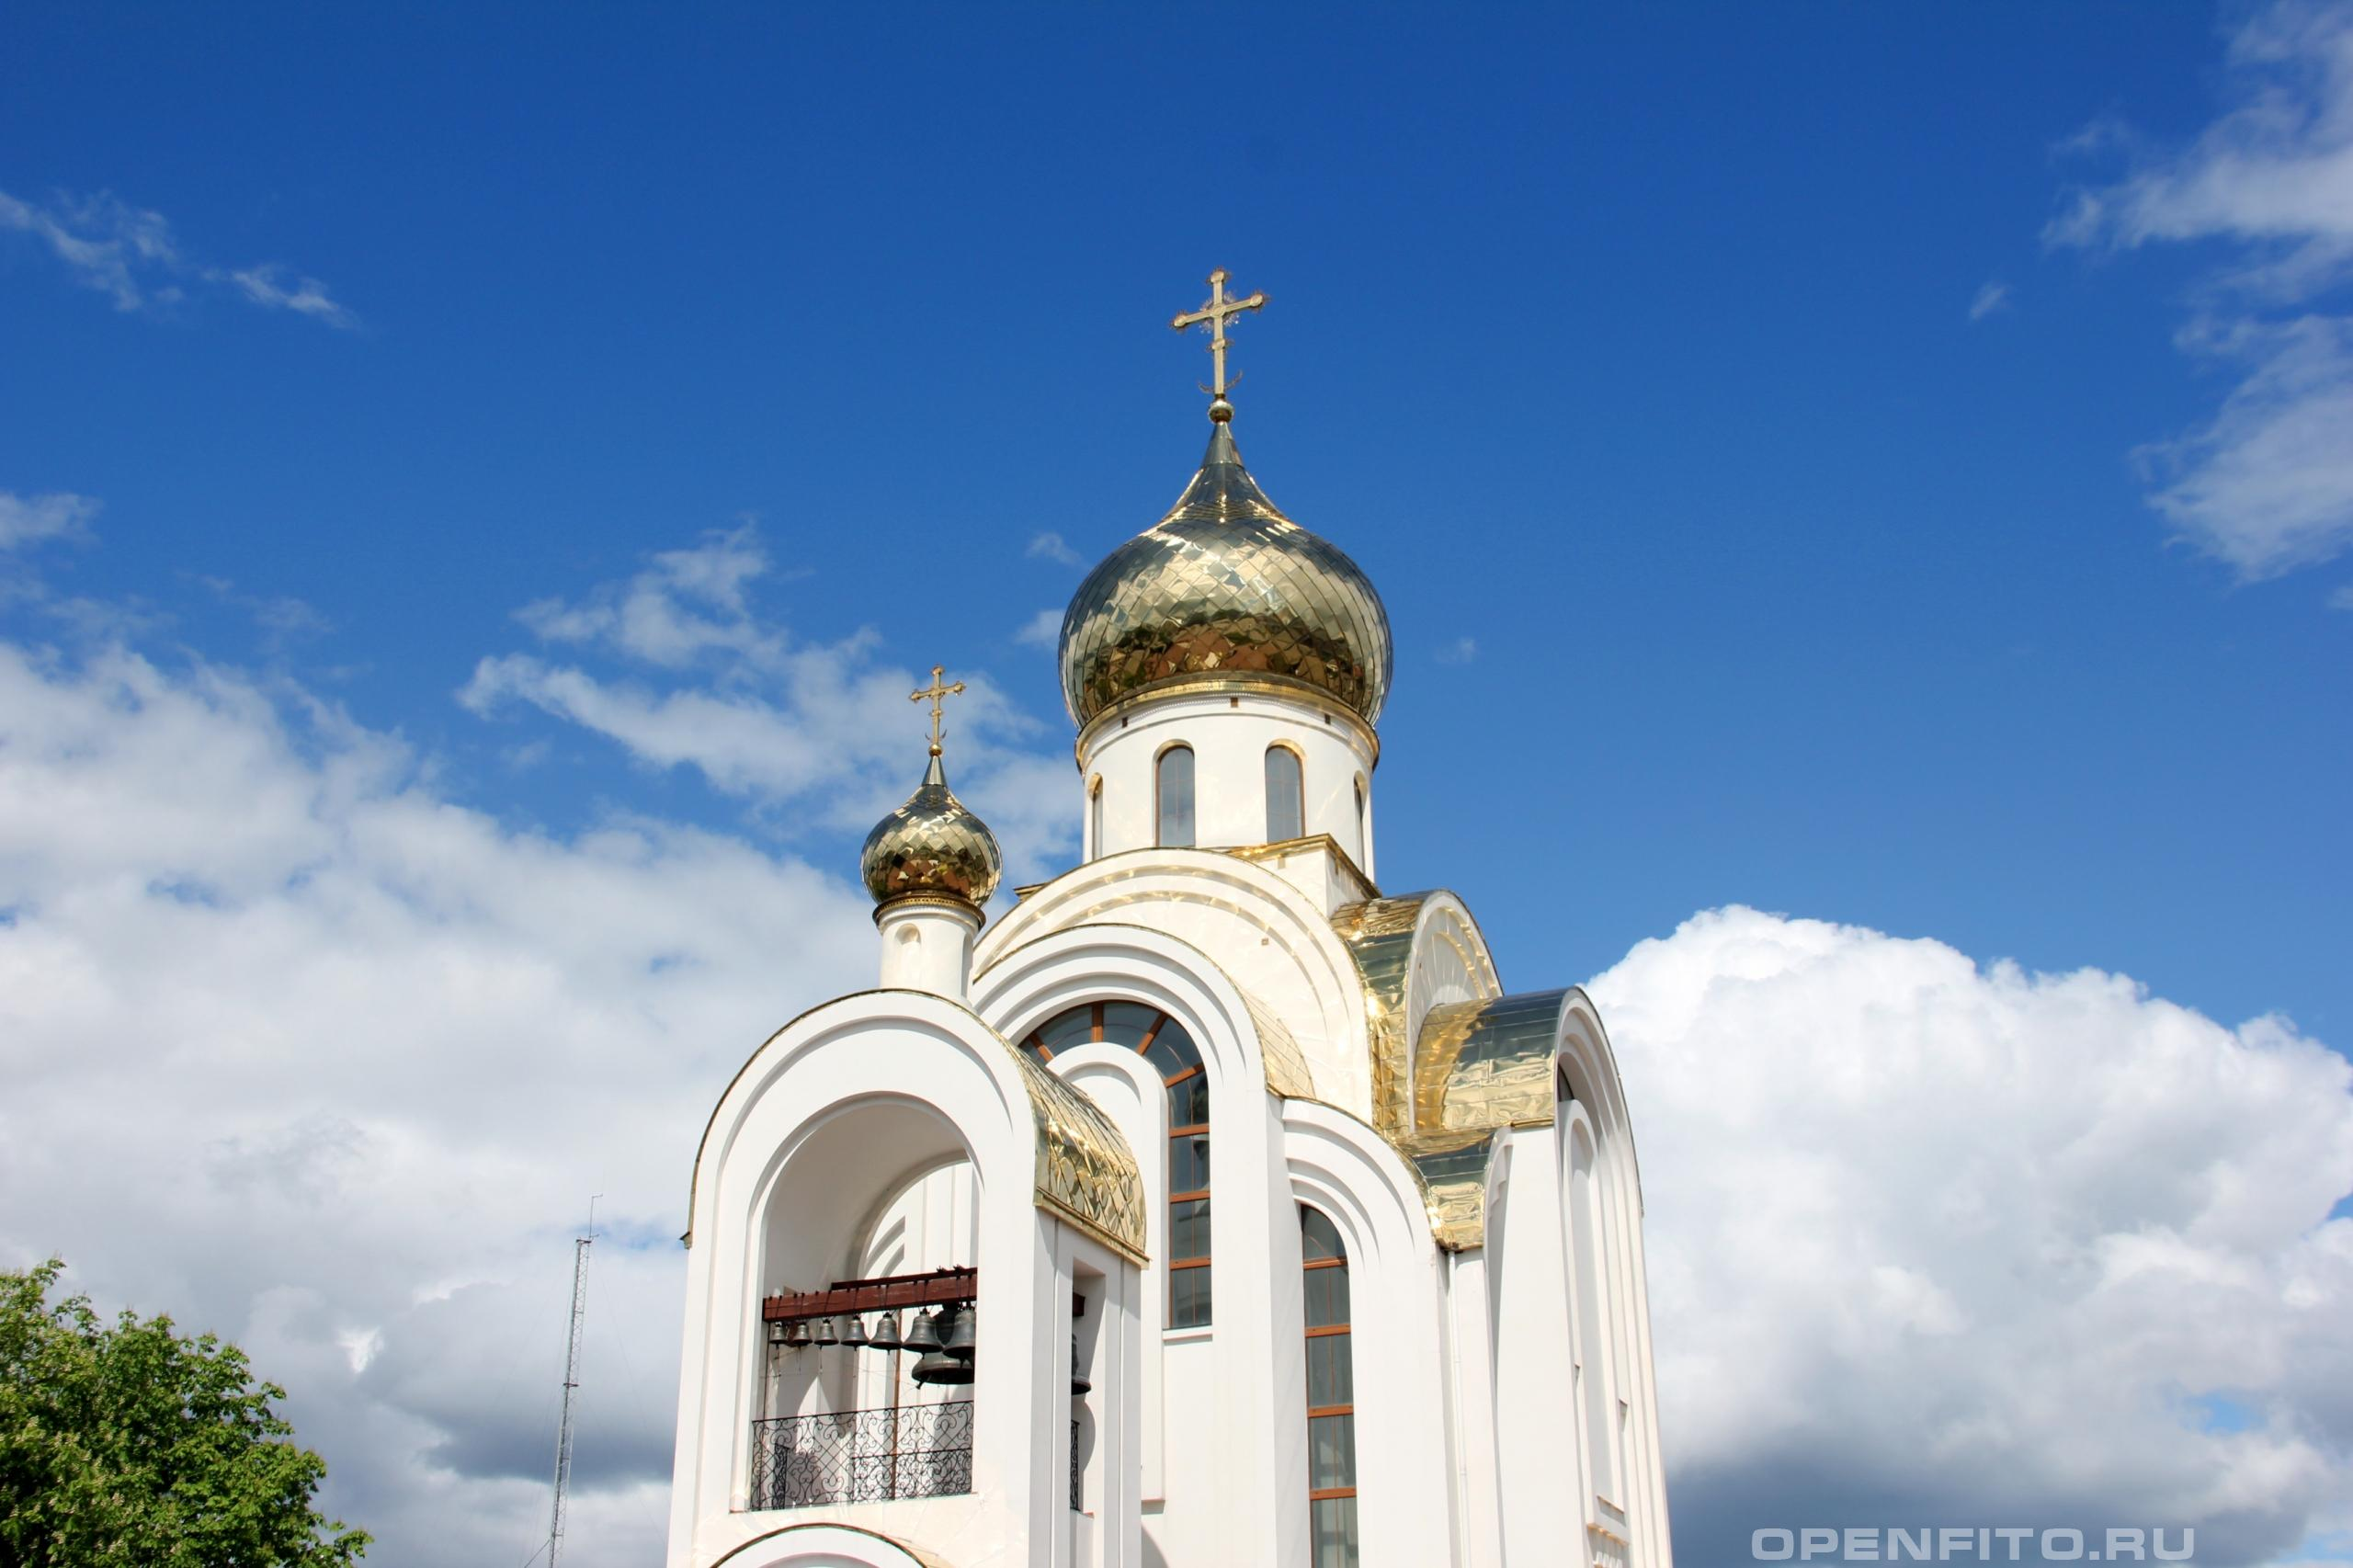 Церковь Георгия Победоносца Иваново